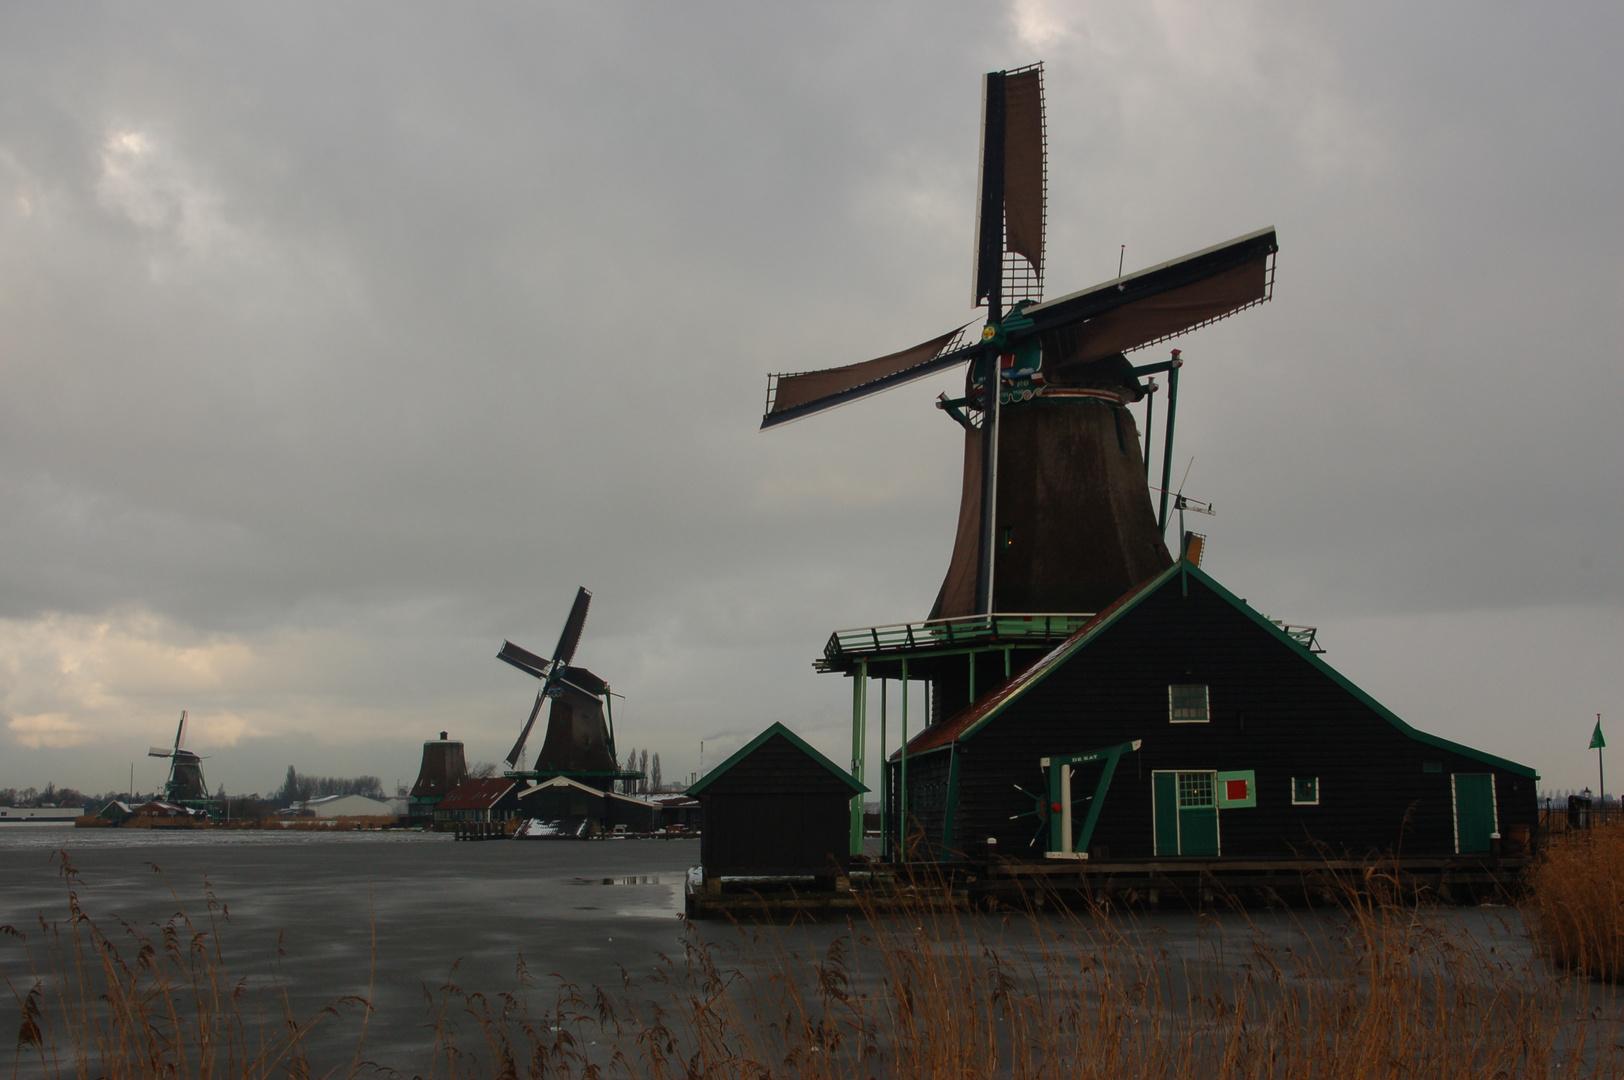 Winter Windmills